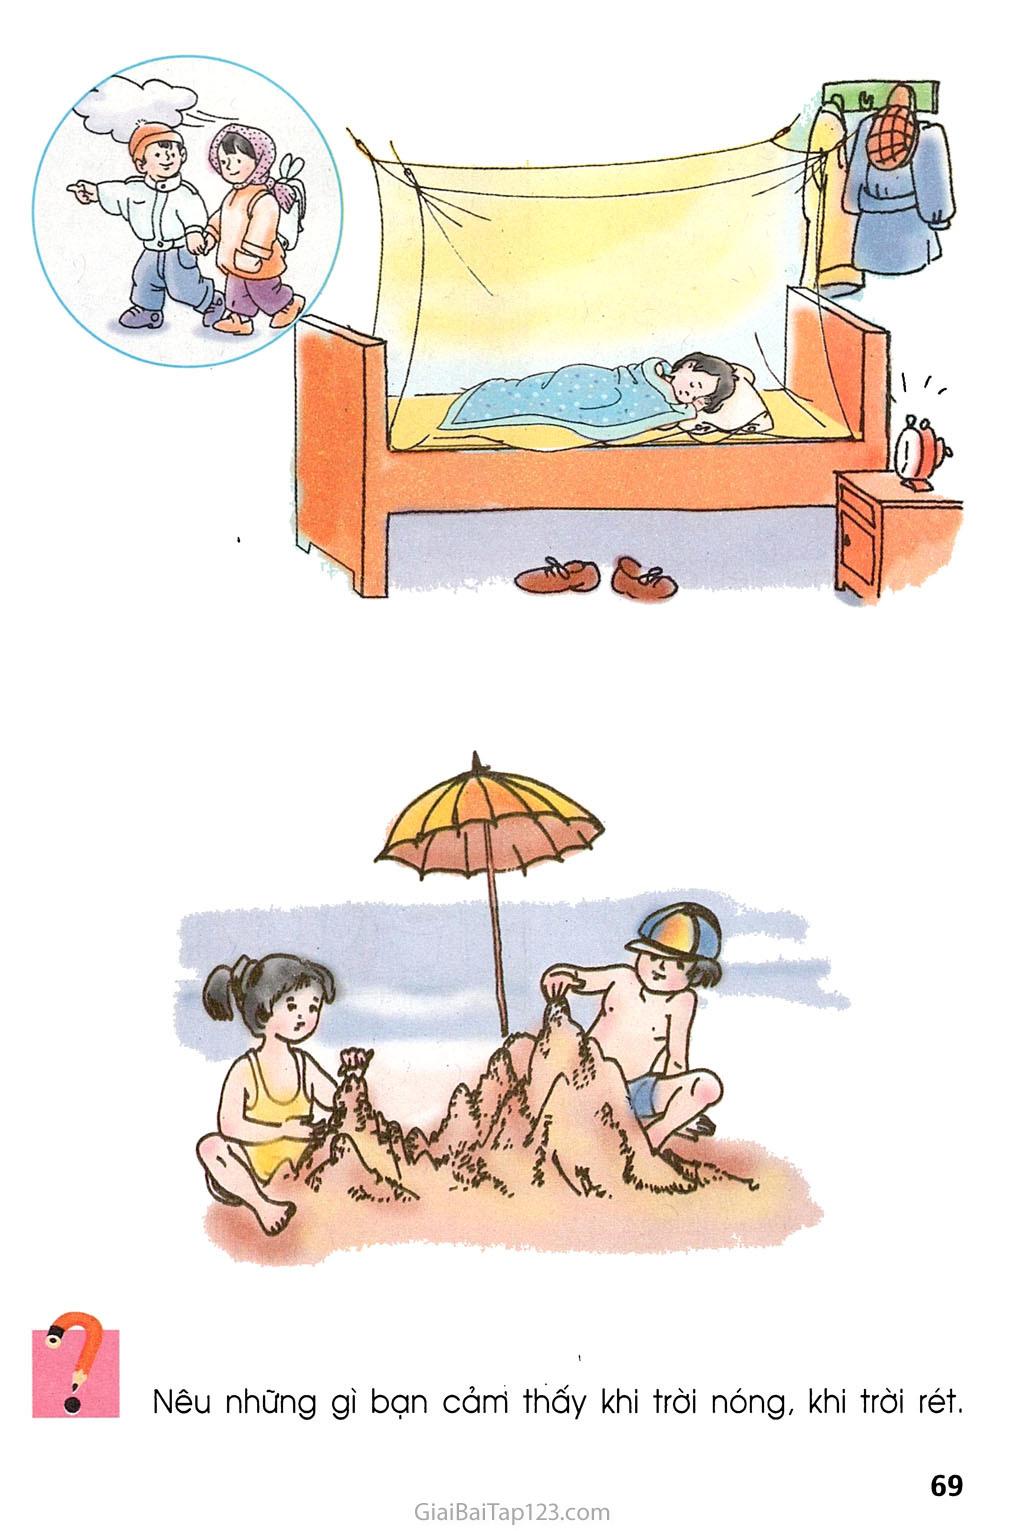 Bài 33. Trời nóng, trời rét trang 2